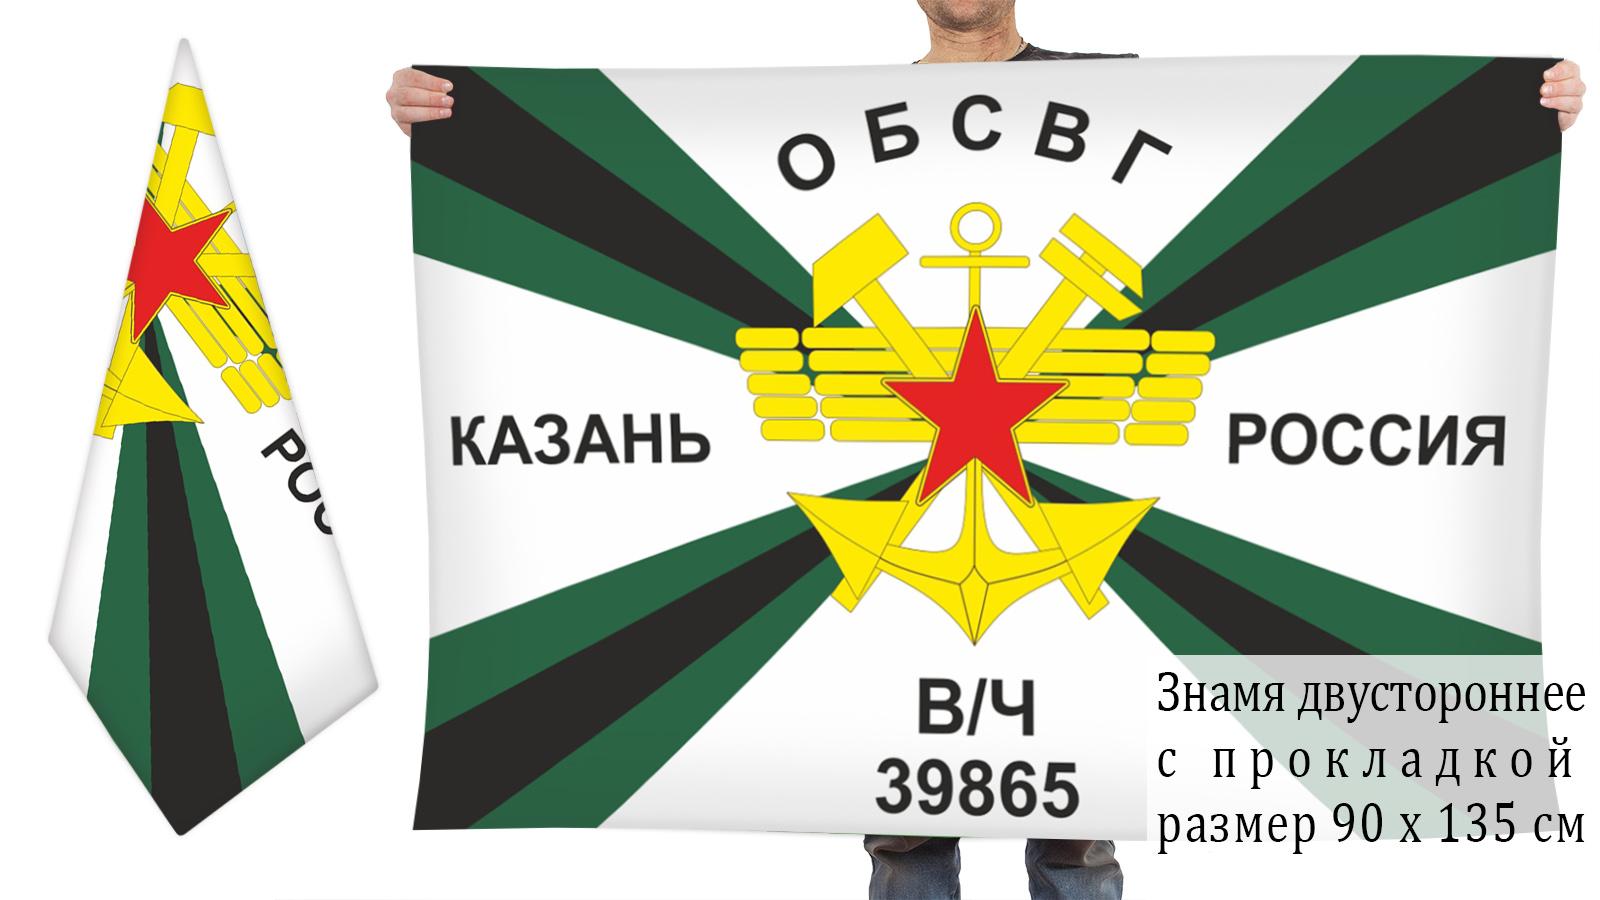 Большой флаг ОБСВГ Казань Россия в/ч 39865